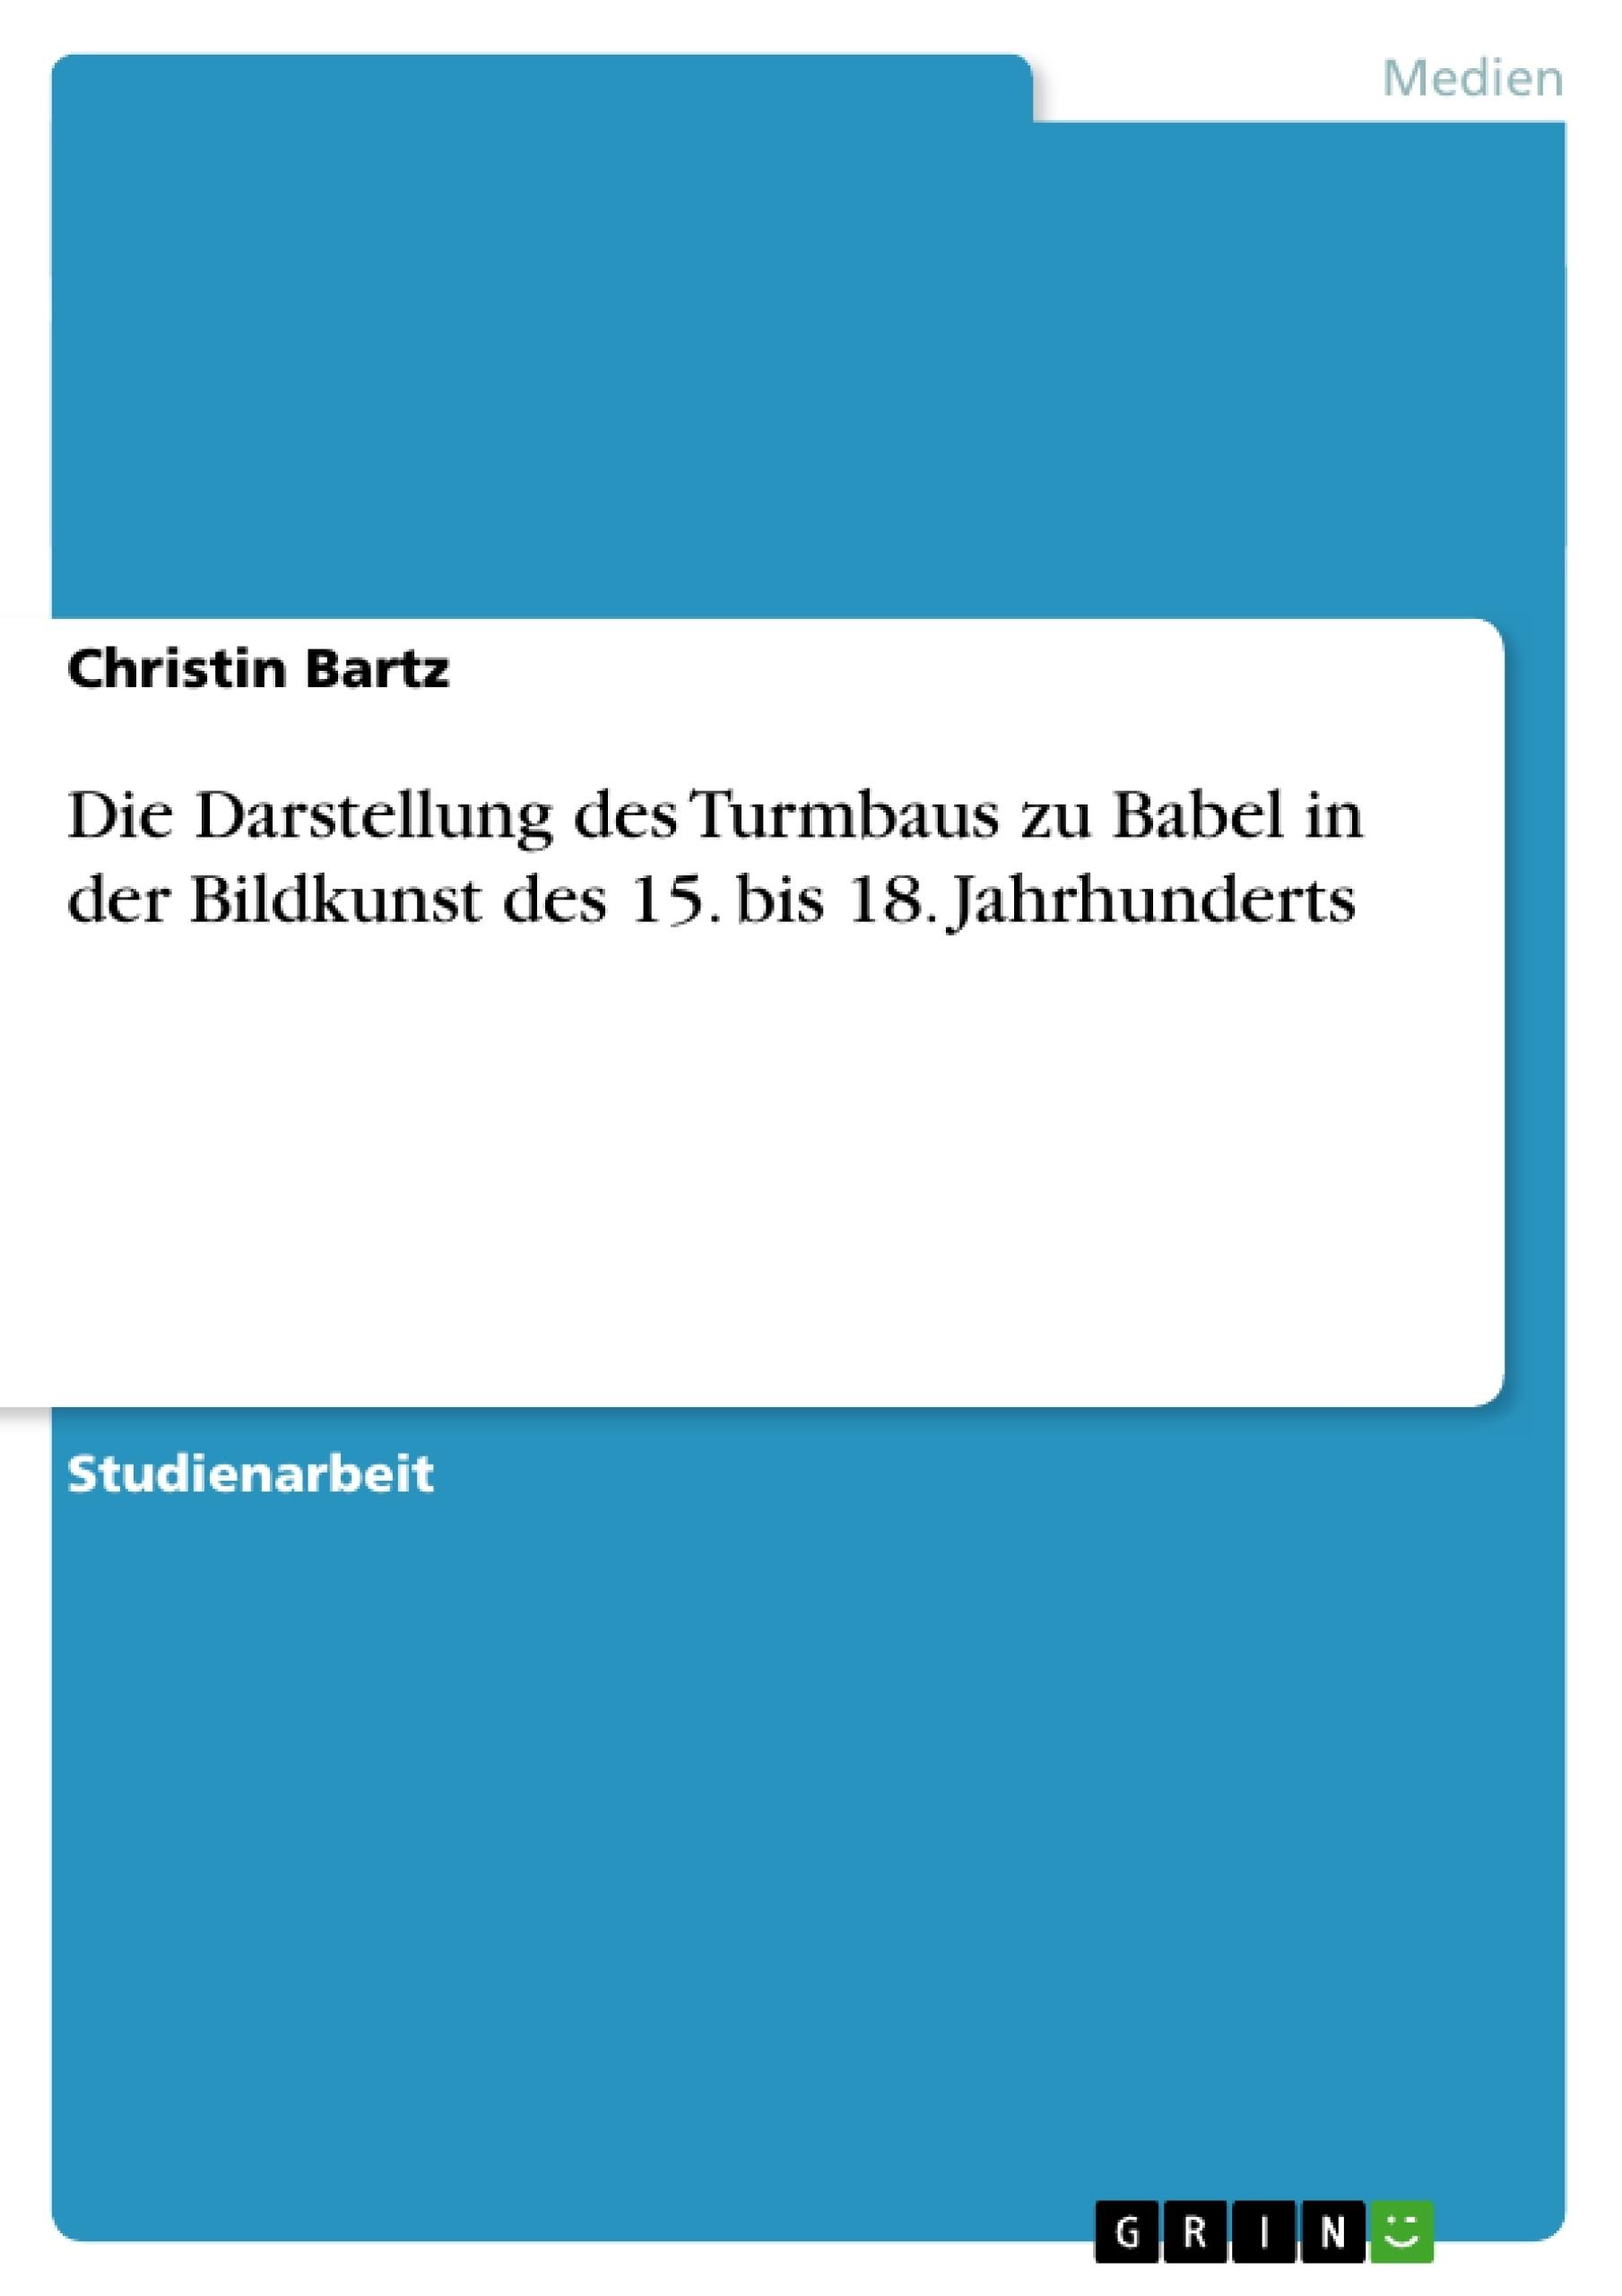 Titel: Die Darstellung des Turmbaus zu Babel in der Bildkunst des 15. bis 18. Jahrhunderts